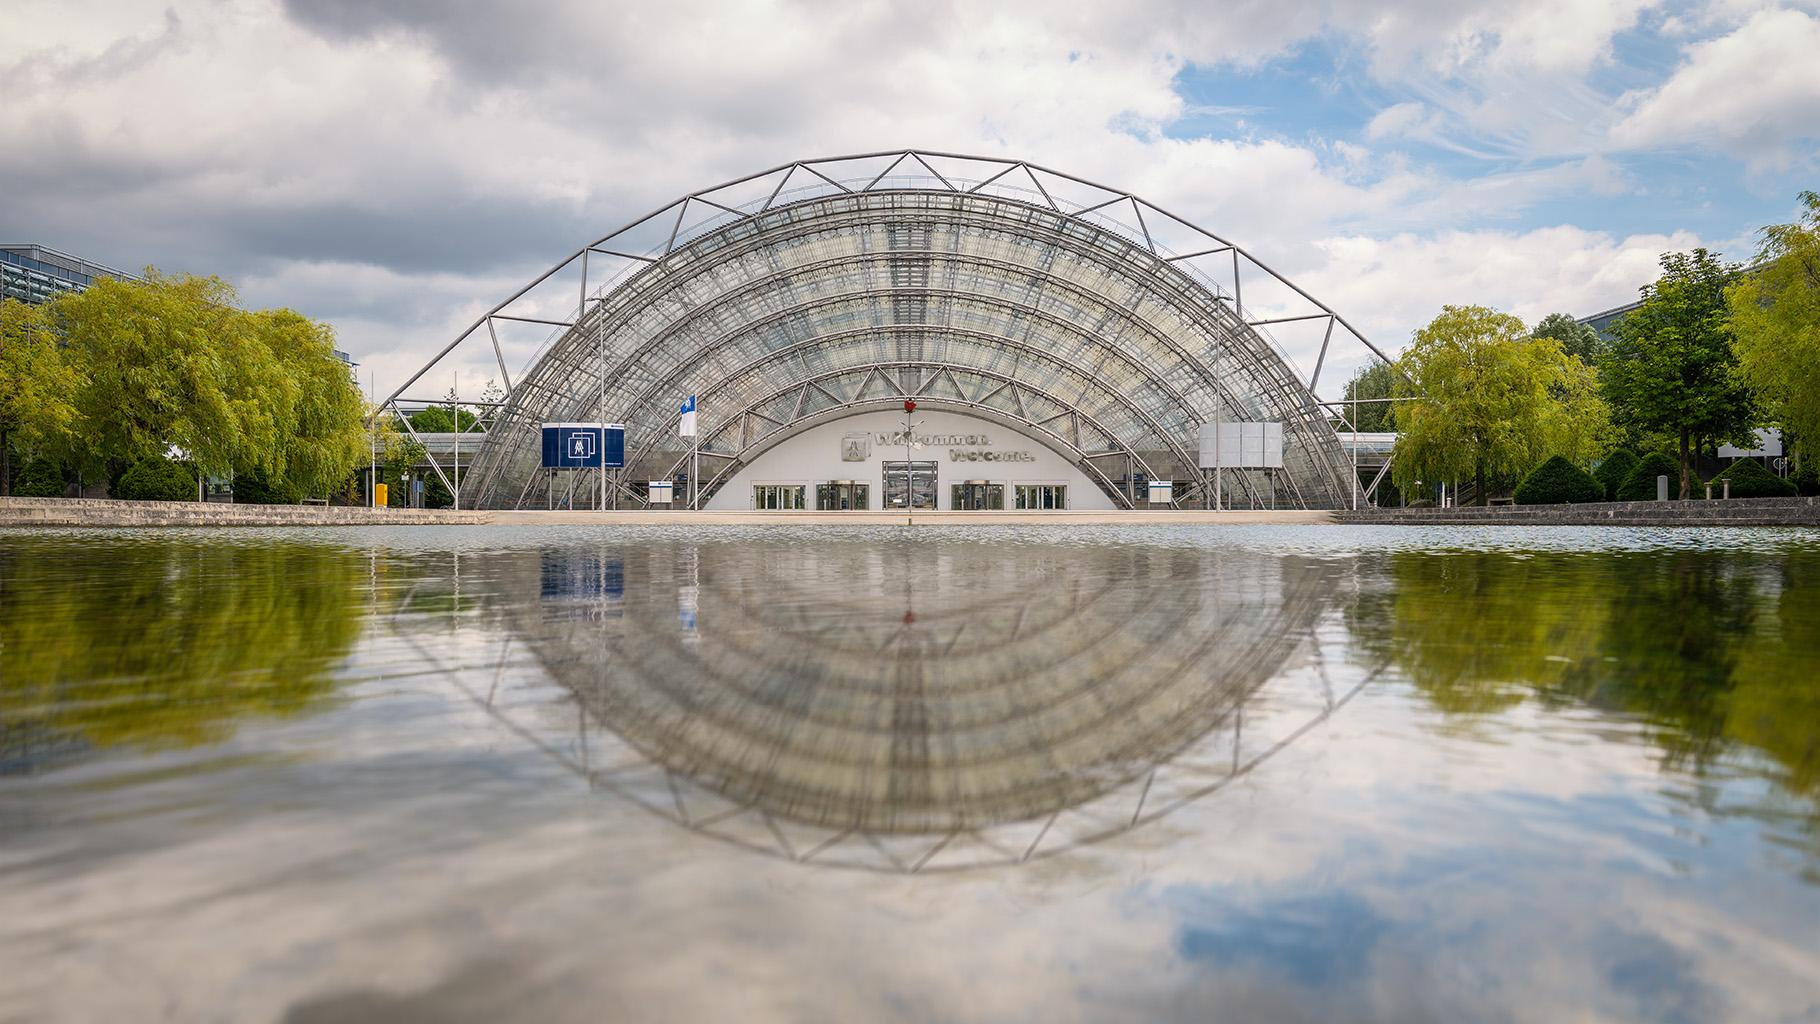 Lake Mercury at Leipzig Exhibition Center, Germany